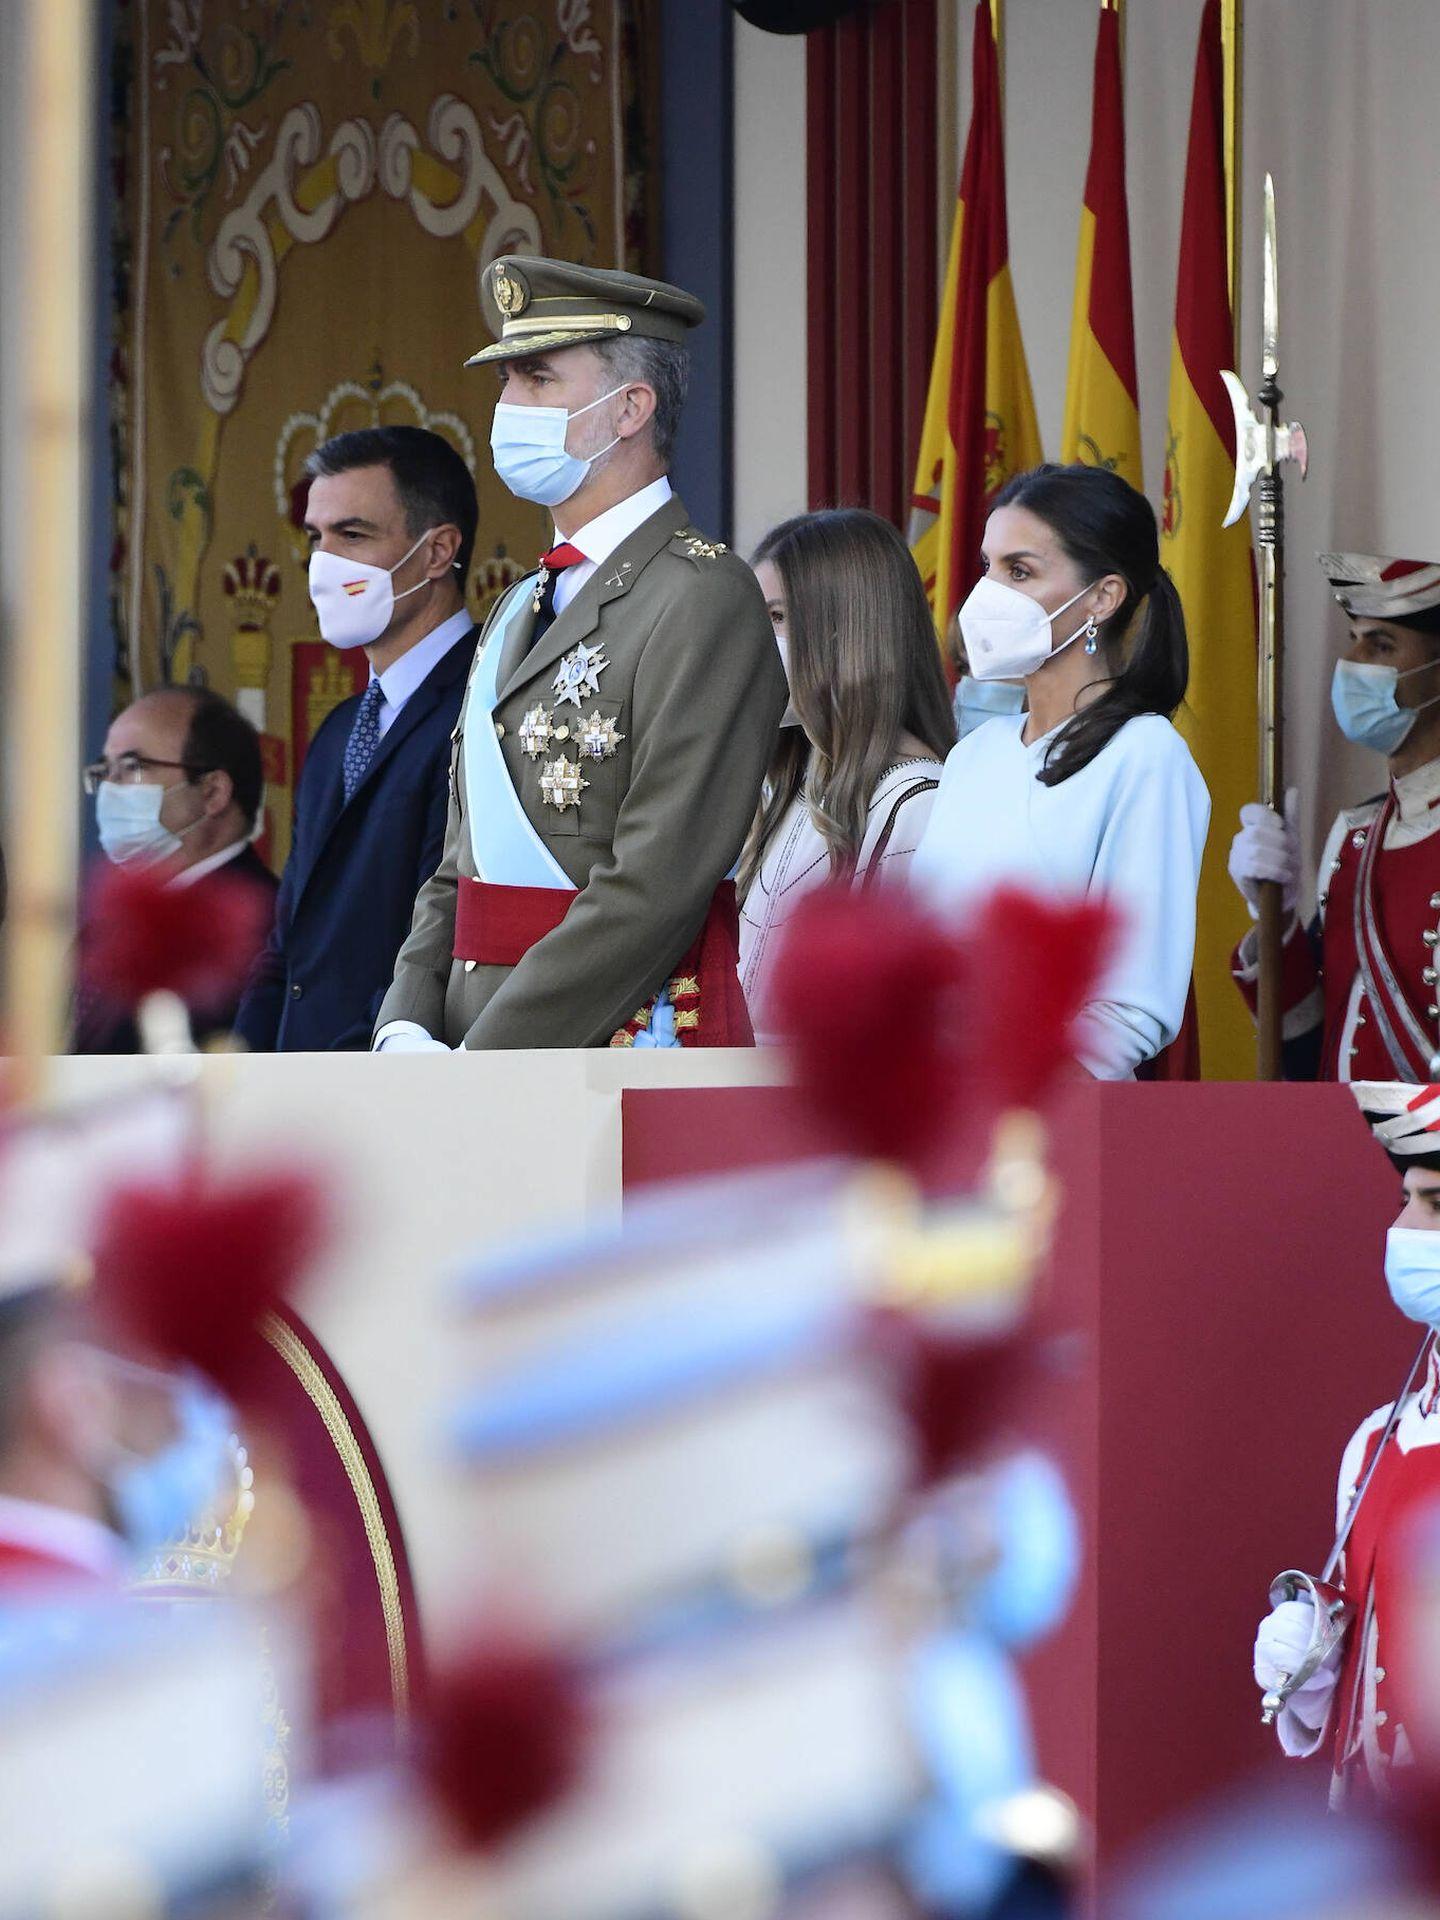 Los Reyes y la infanta Sofía en la tribuna. (Limited Pictures)